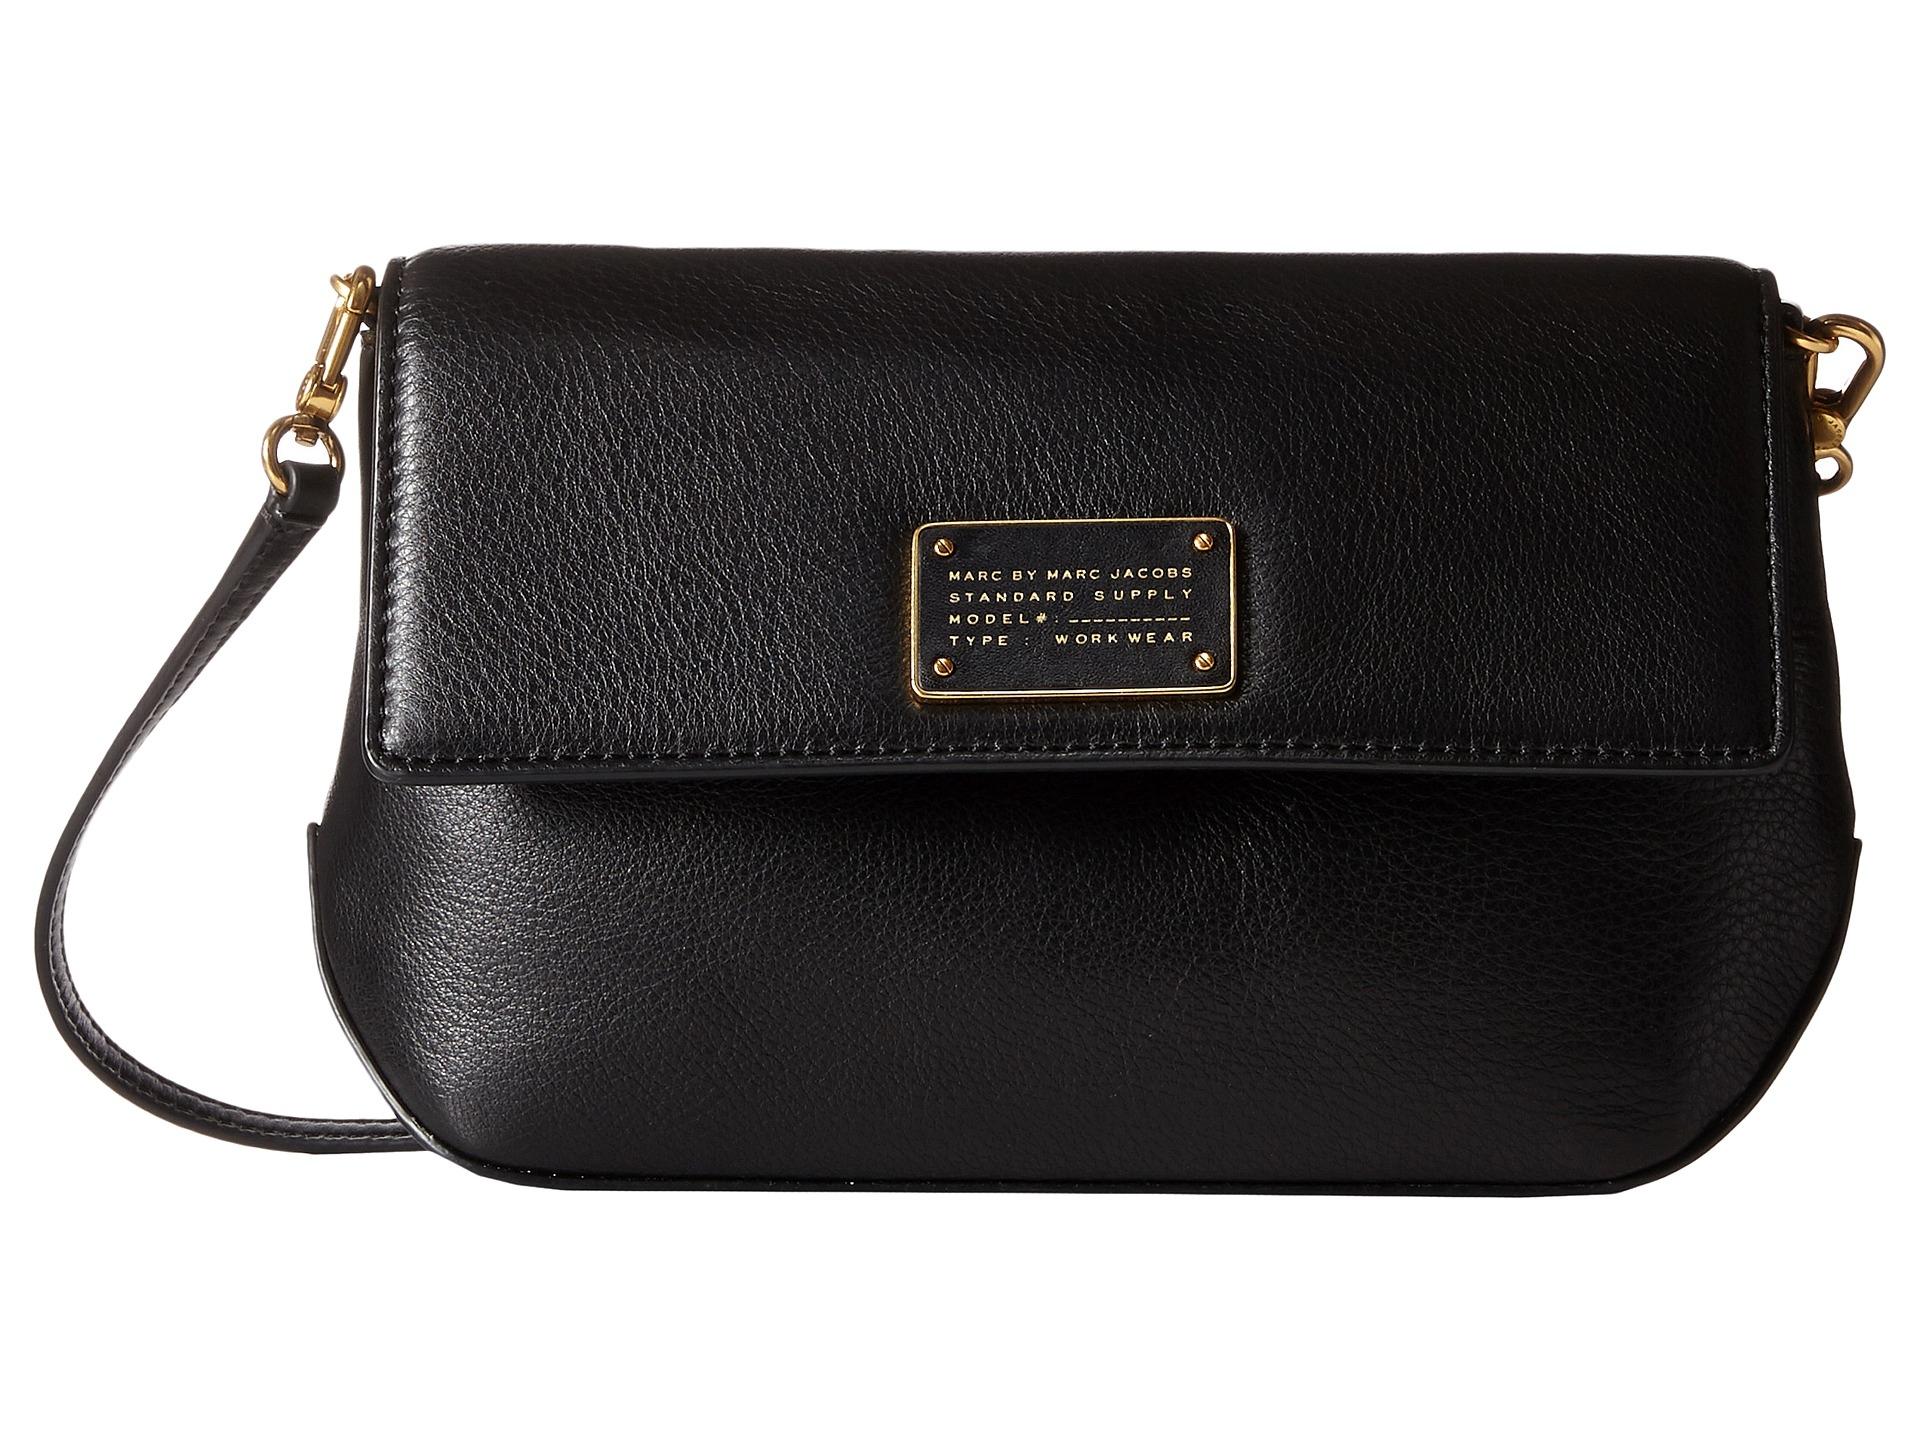 Сумки Marc Jacobs - сумка Marc Jacobs MMJ-B9052 ca70c31f65f